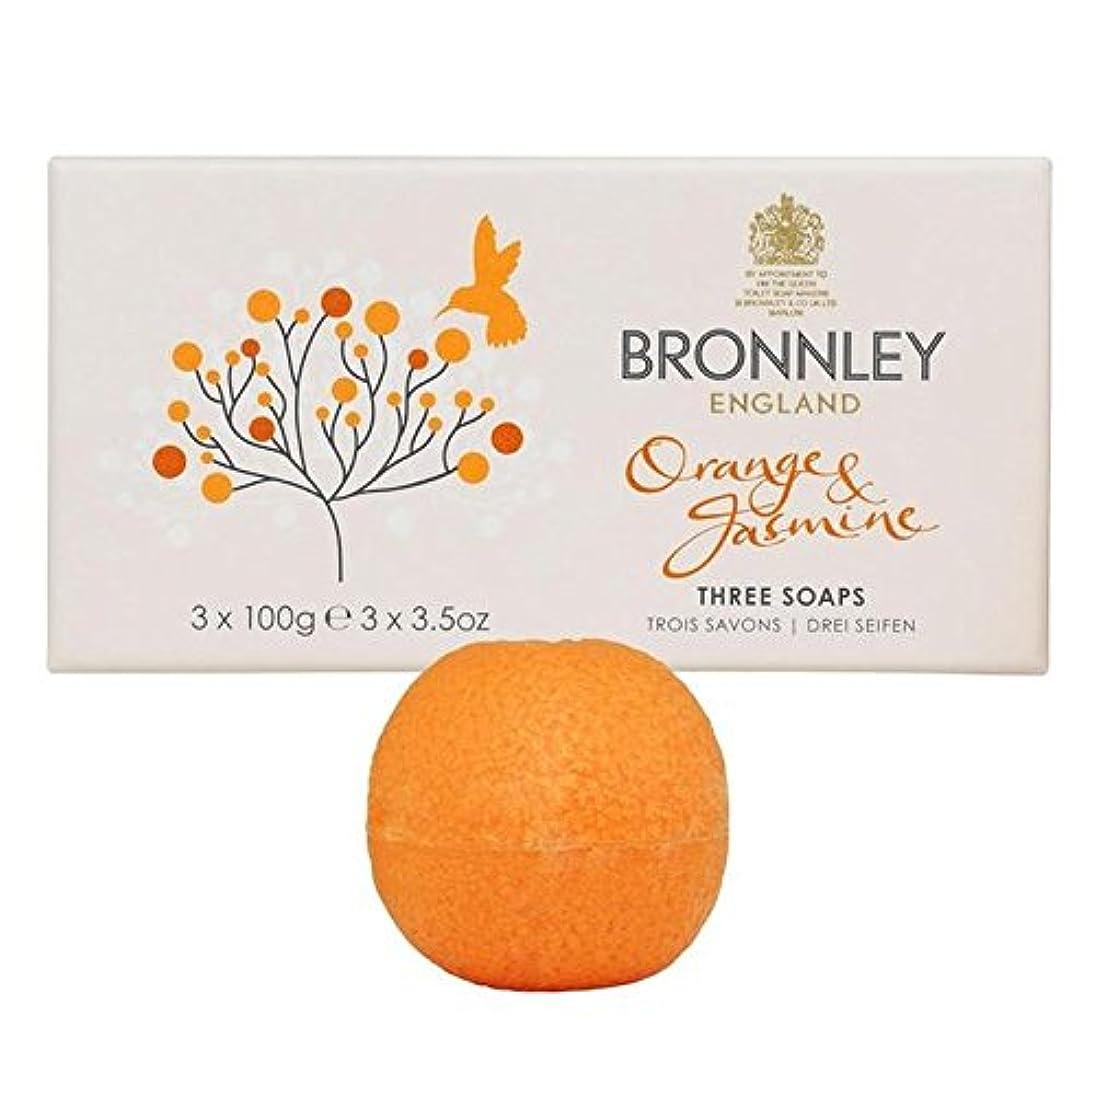 スムーズに変換するエッセンスオレンジ&ジャスミン石鹸3×100グラム x2 - Bronnley Orange & Jasmine Soaps 3 x 100g (Pack of 2) [並行輸入品]